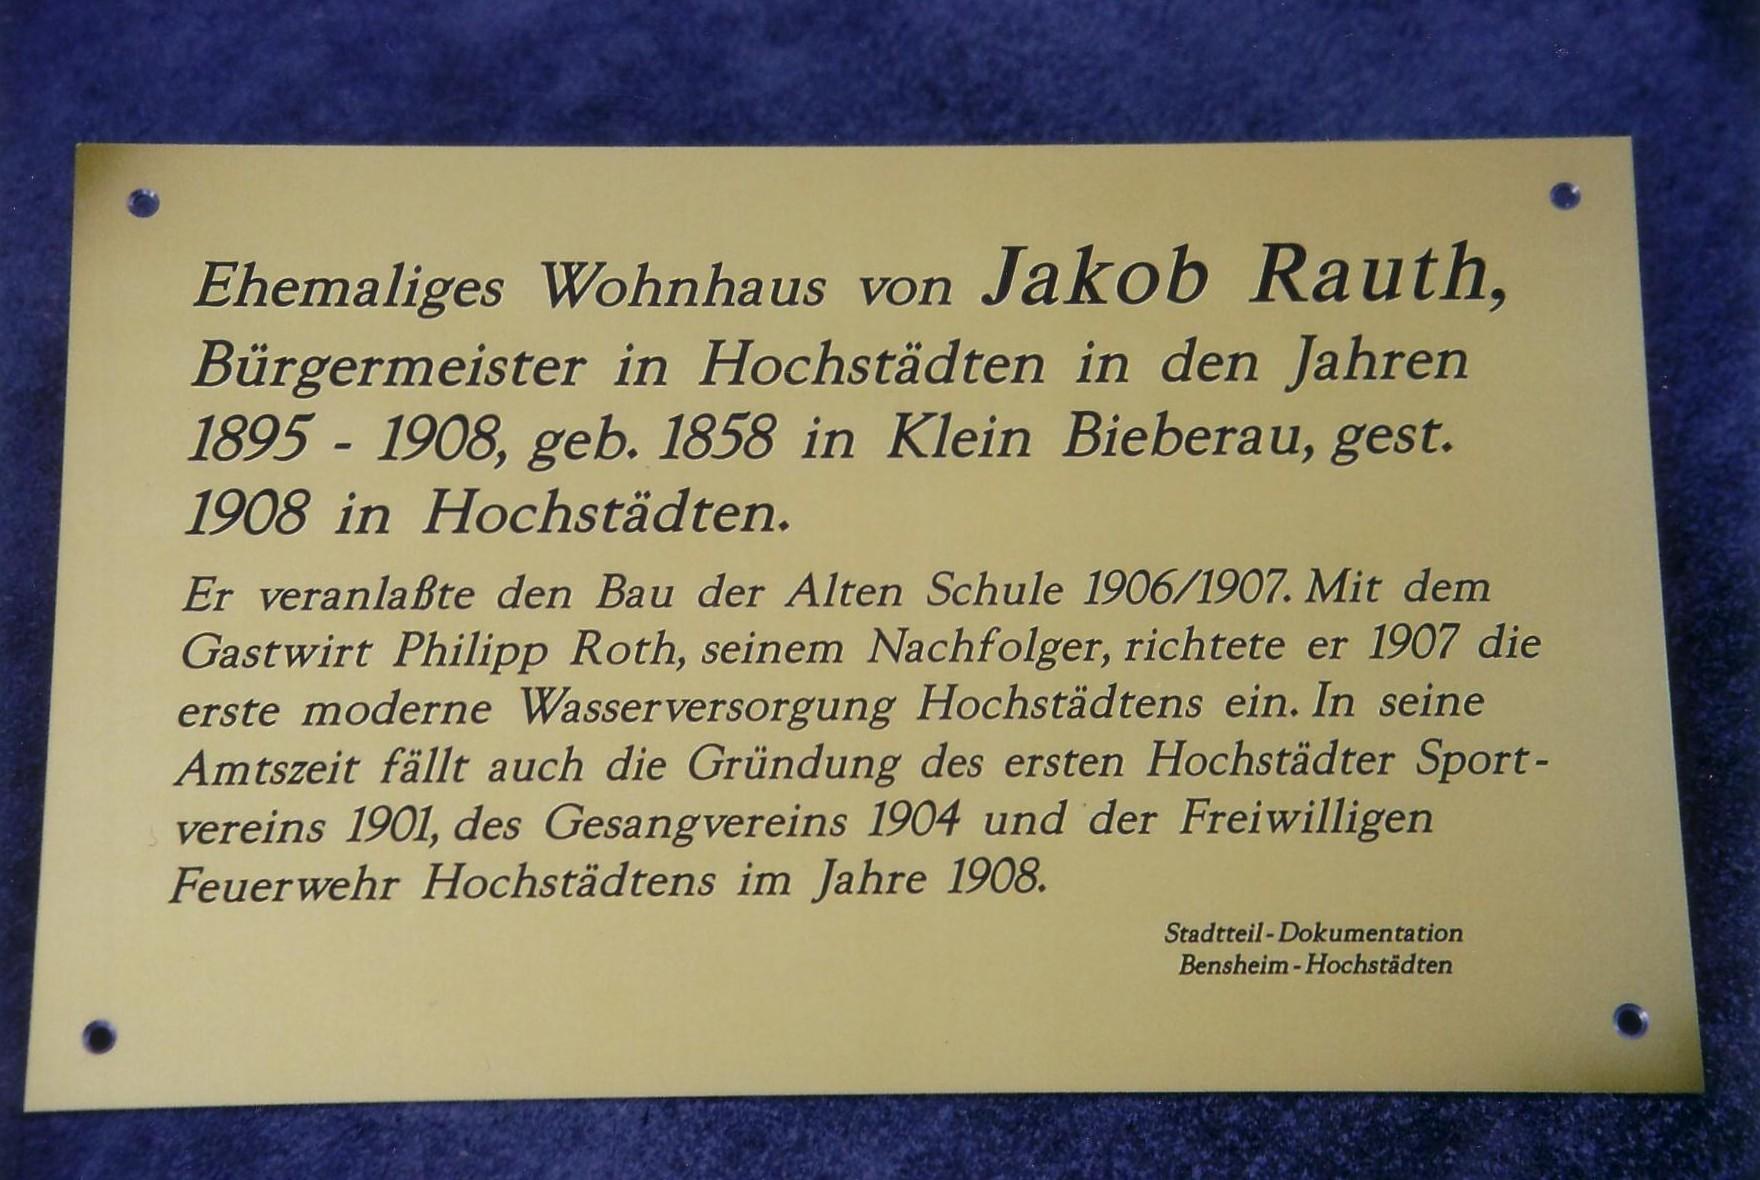 De Hochstädter Neues und Wissenswertes aus Hochstädten Wer war Jakob Rauth